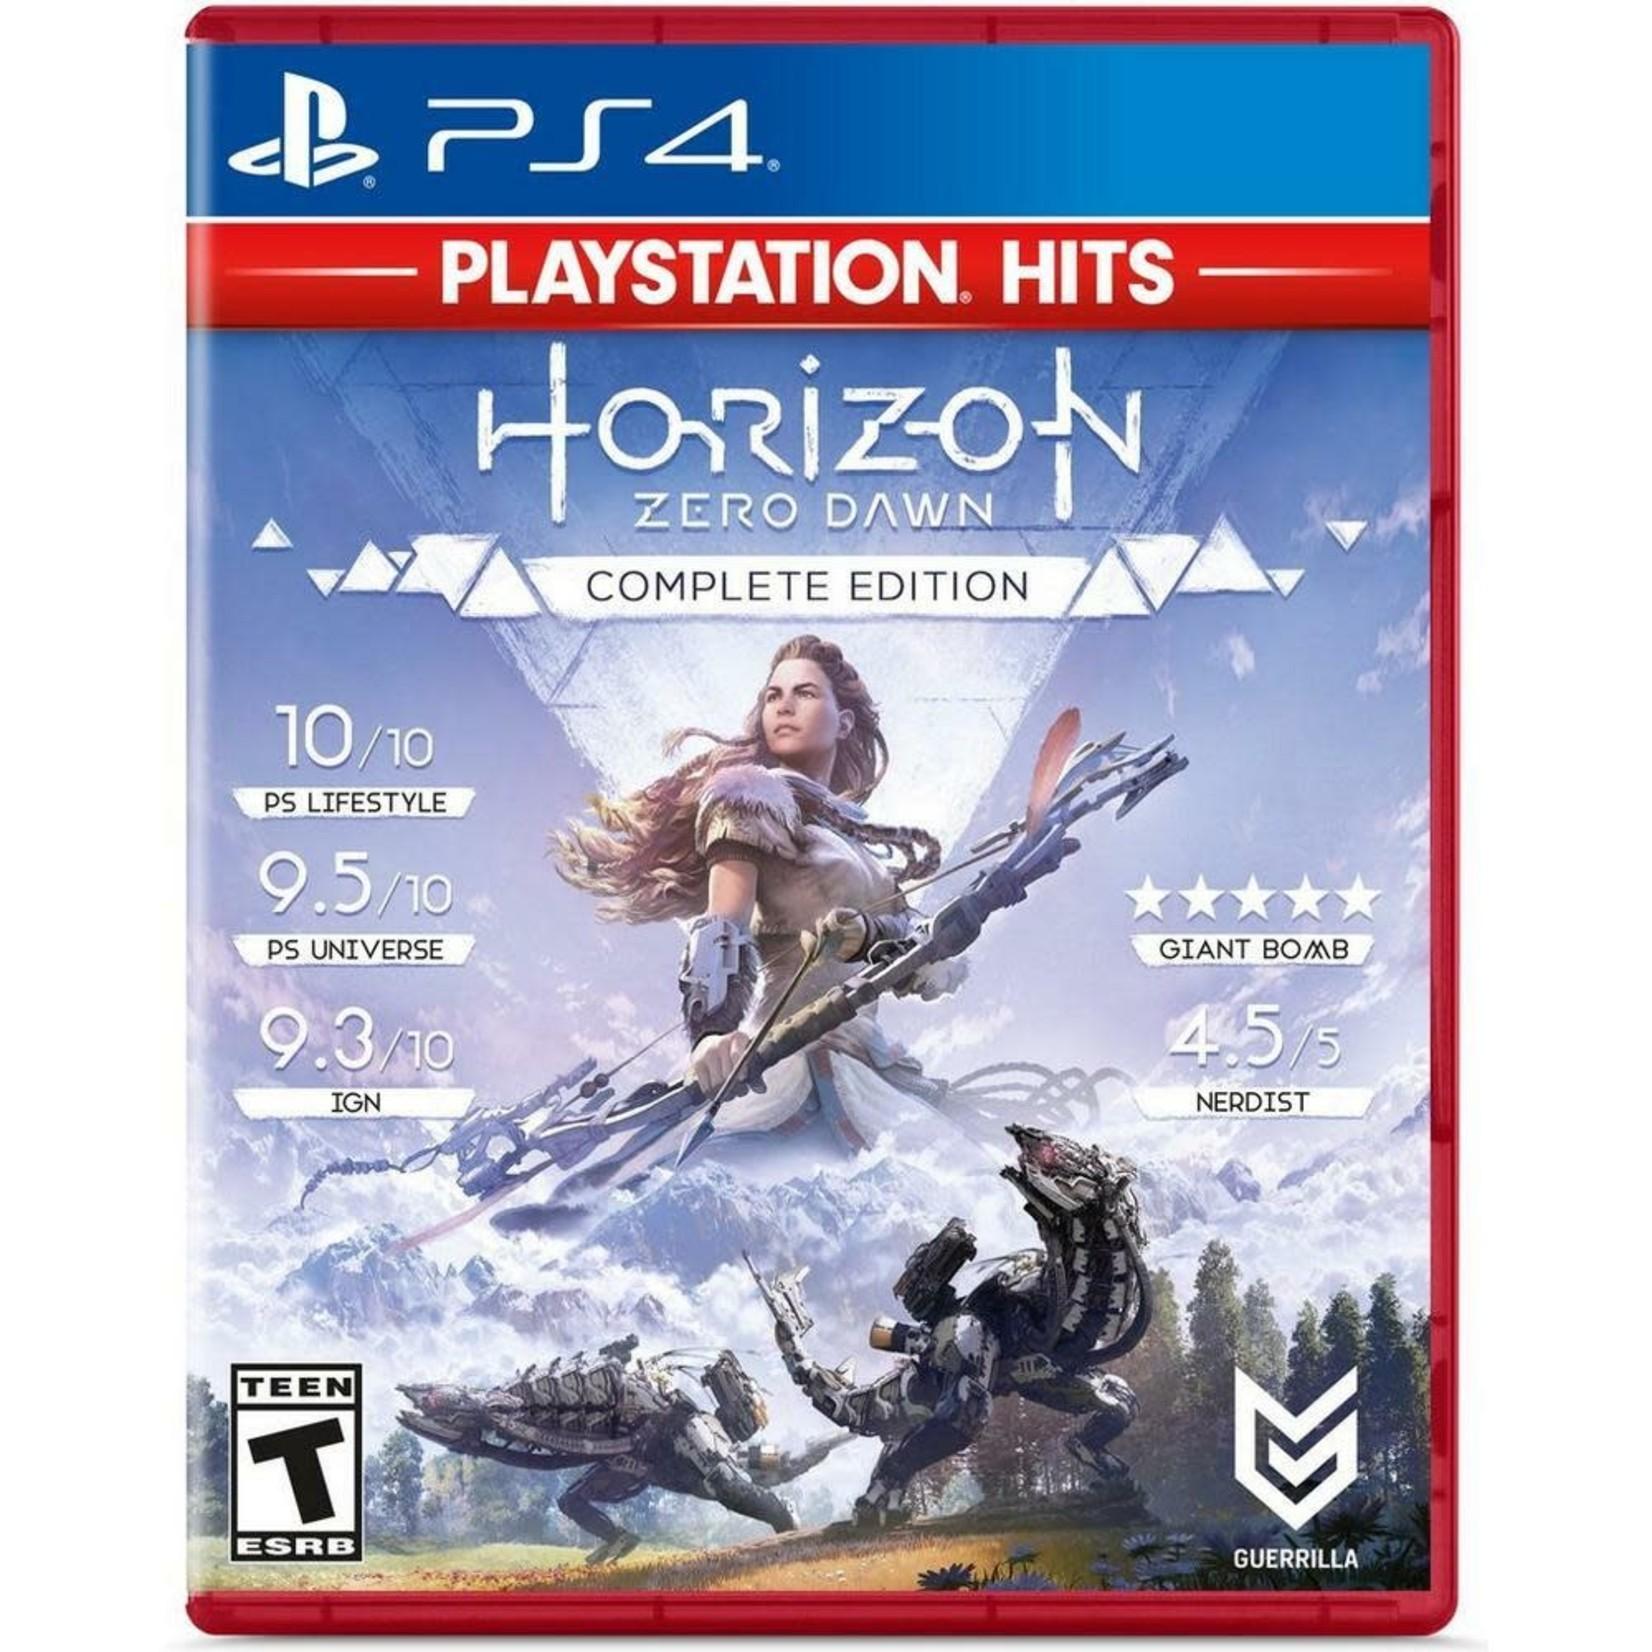 PS4-Horizon Zero Dawn: COMPLETE EDITION